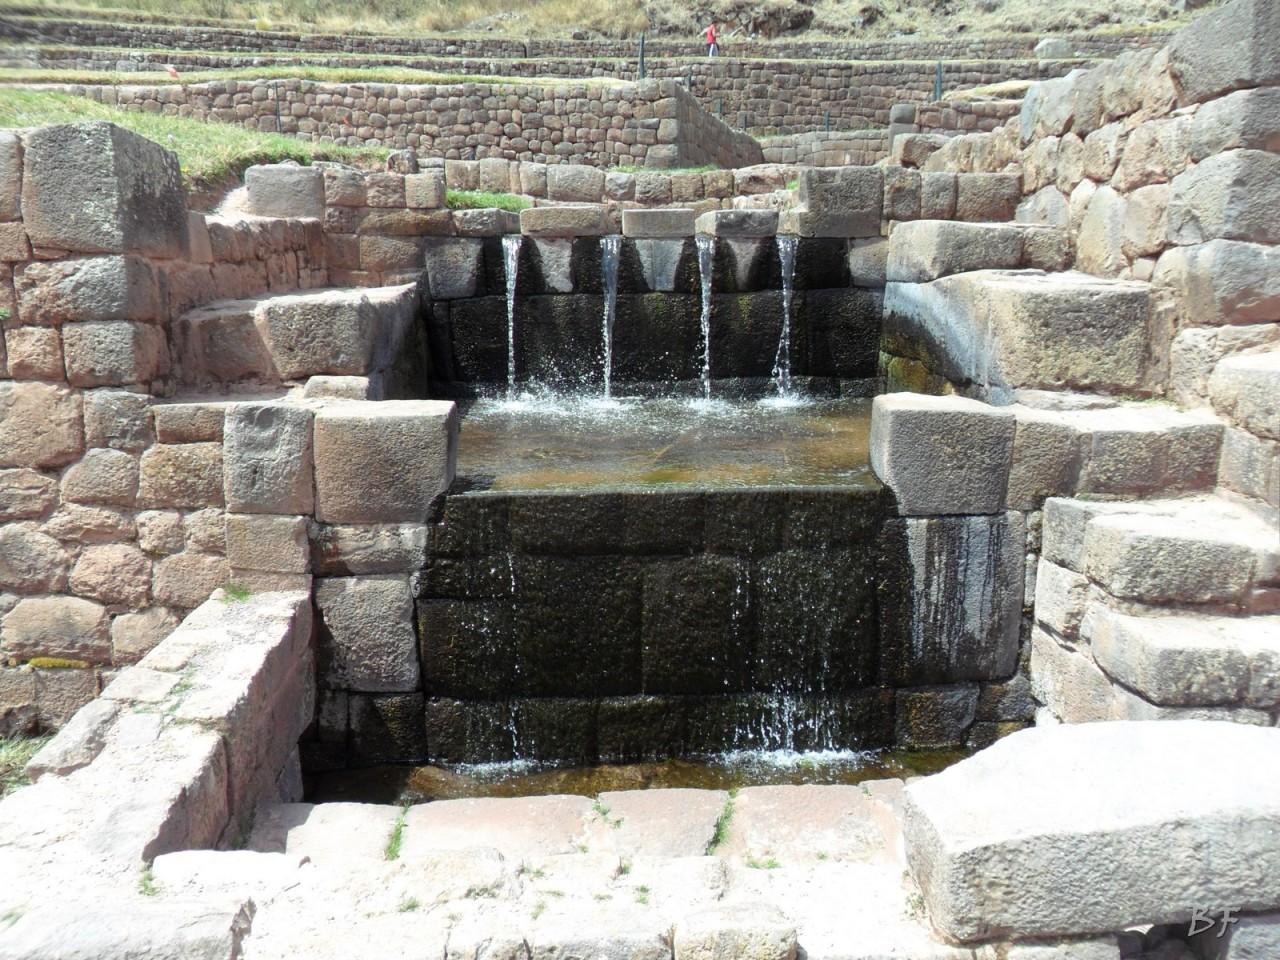 Mura-Poligonali-Megaliti-Tipon-Oropesa-Cusco-Perù-25